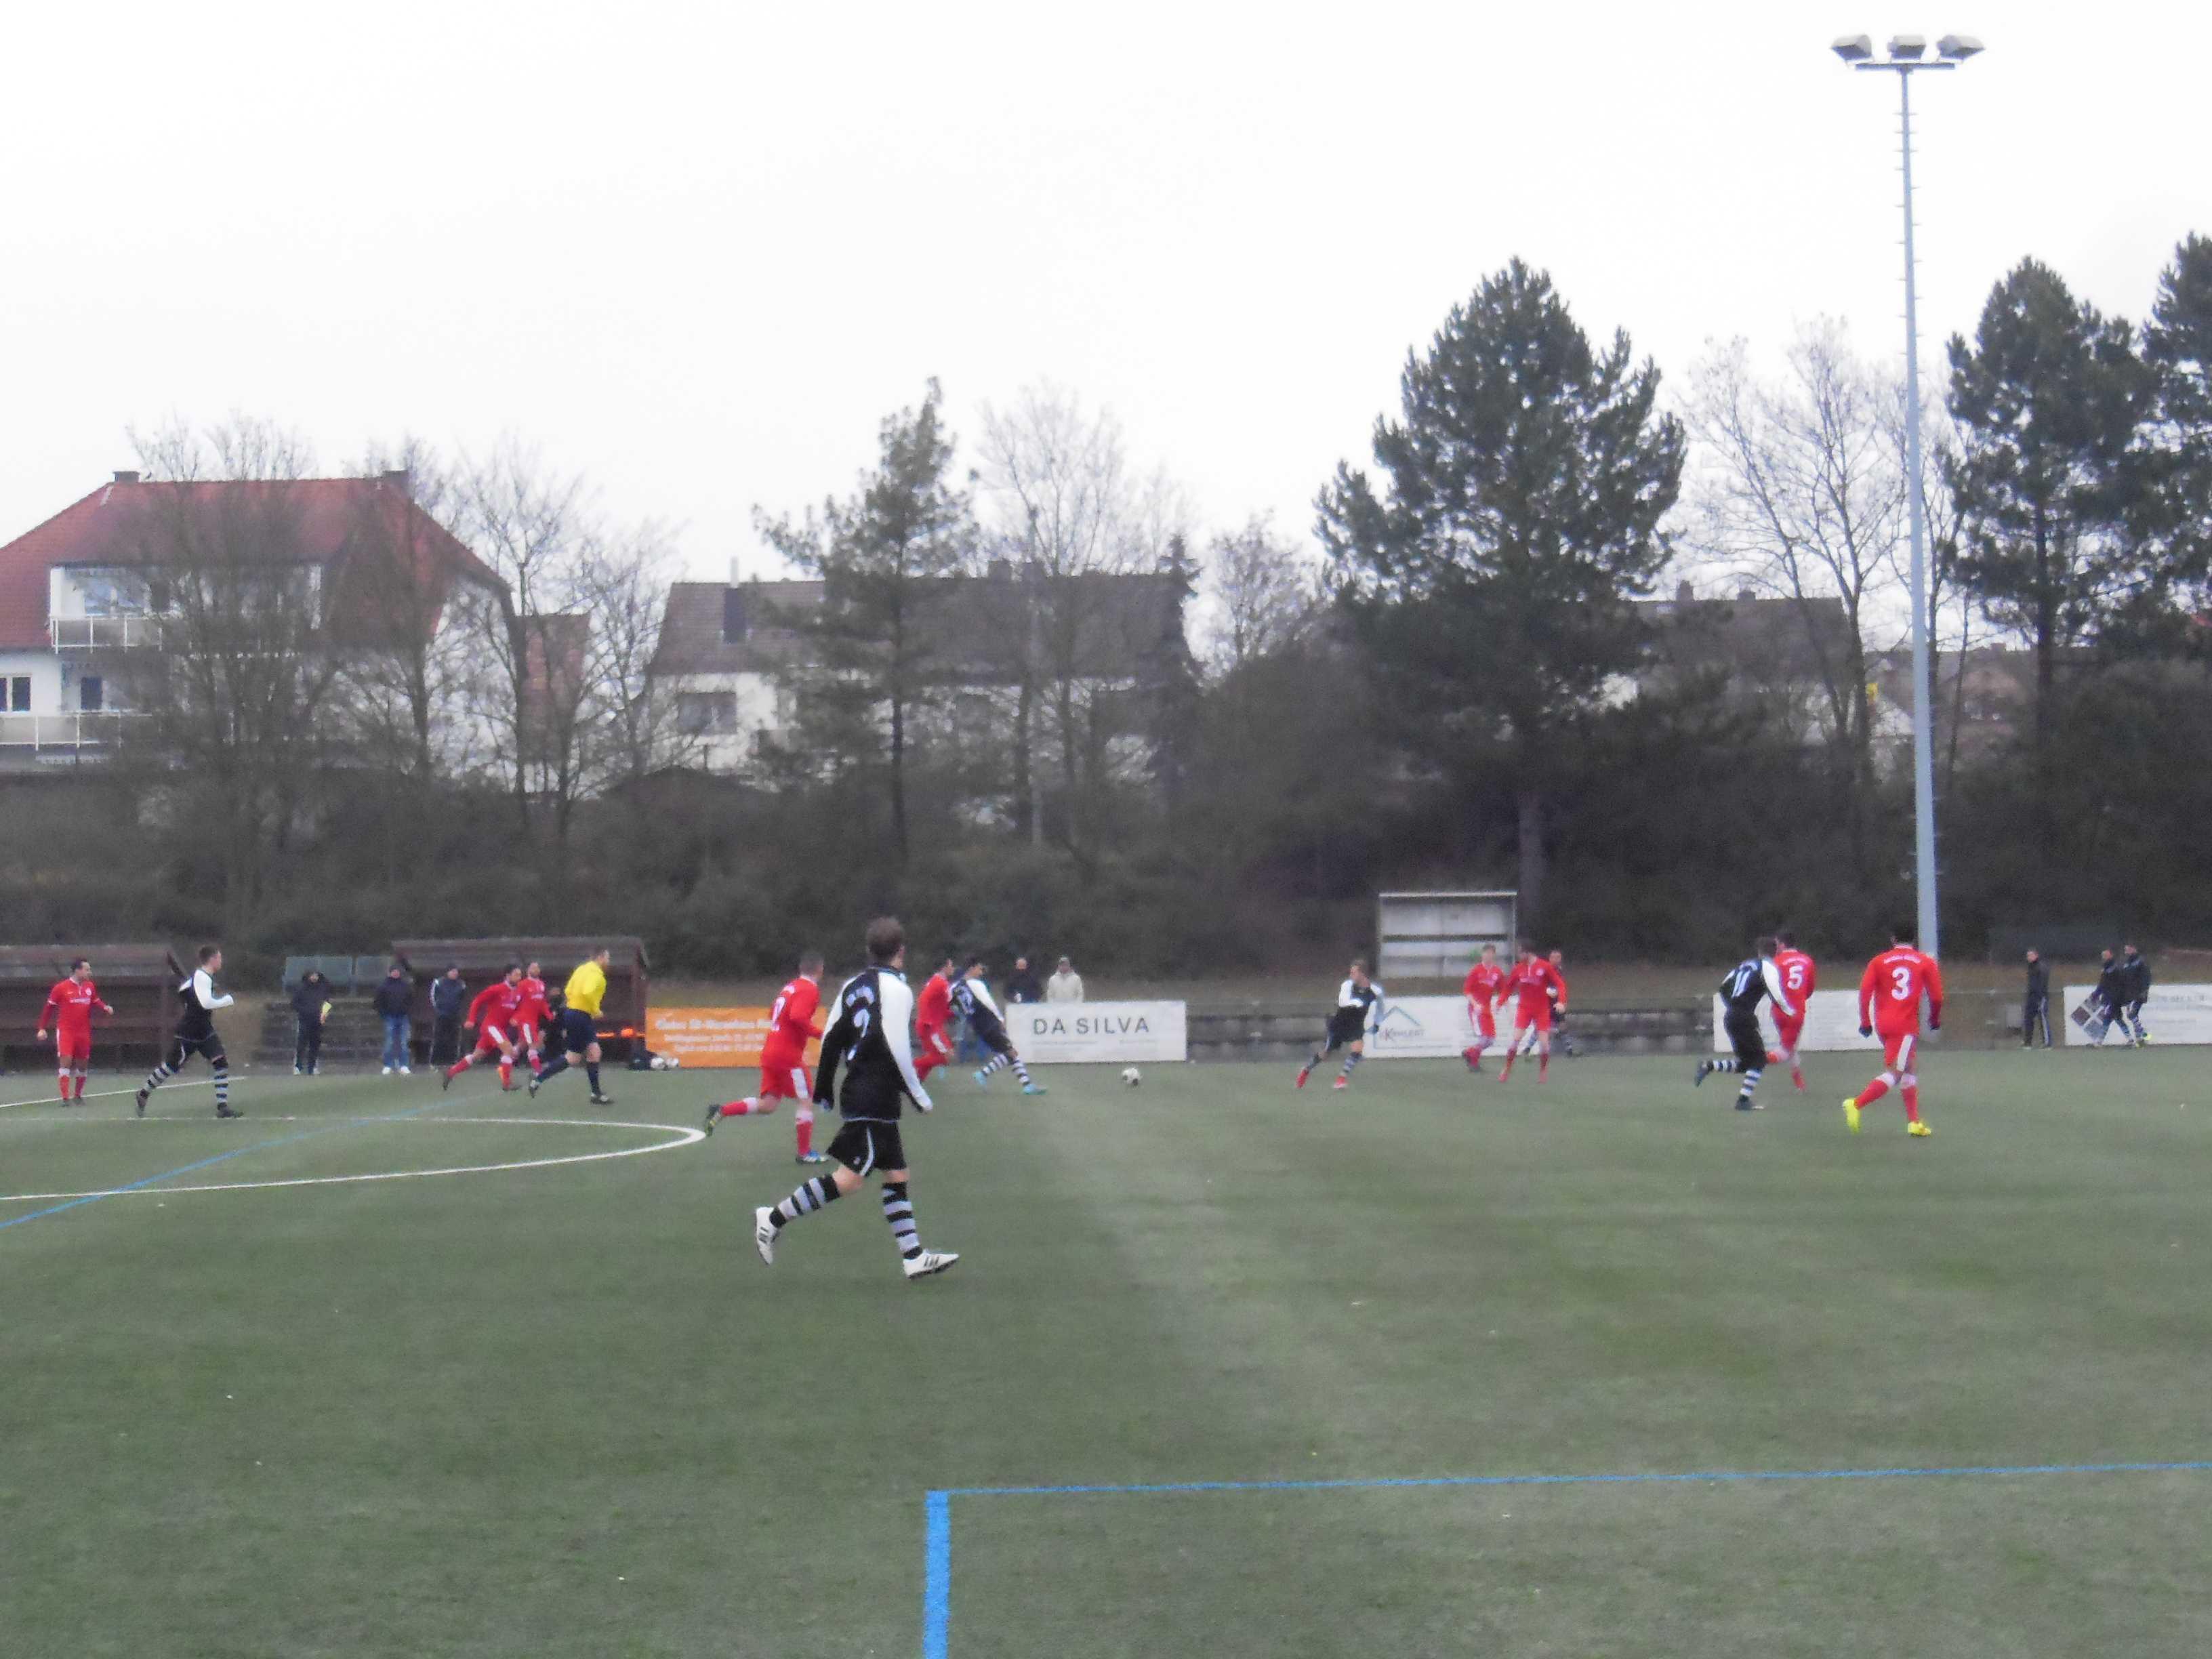 Sportpark Flörsheim